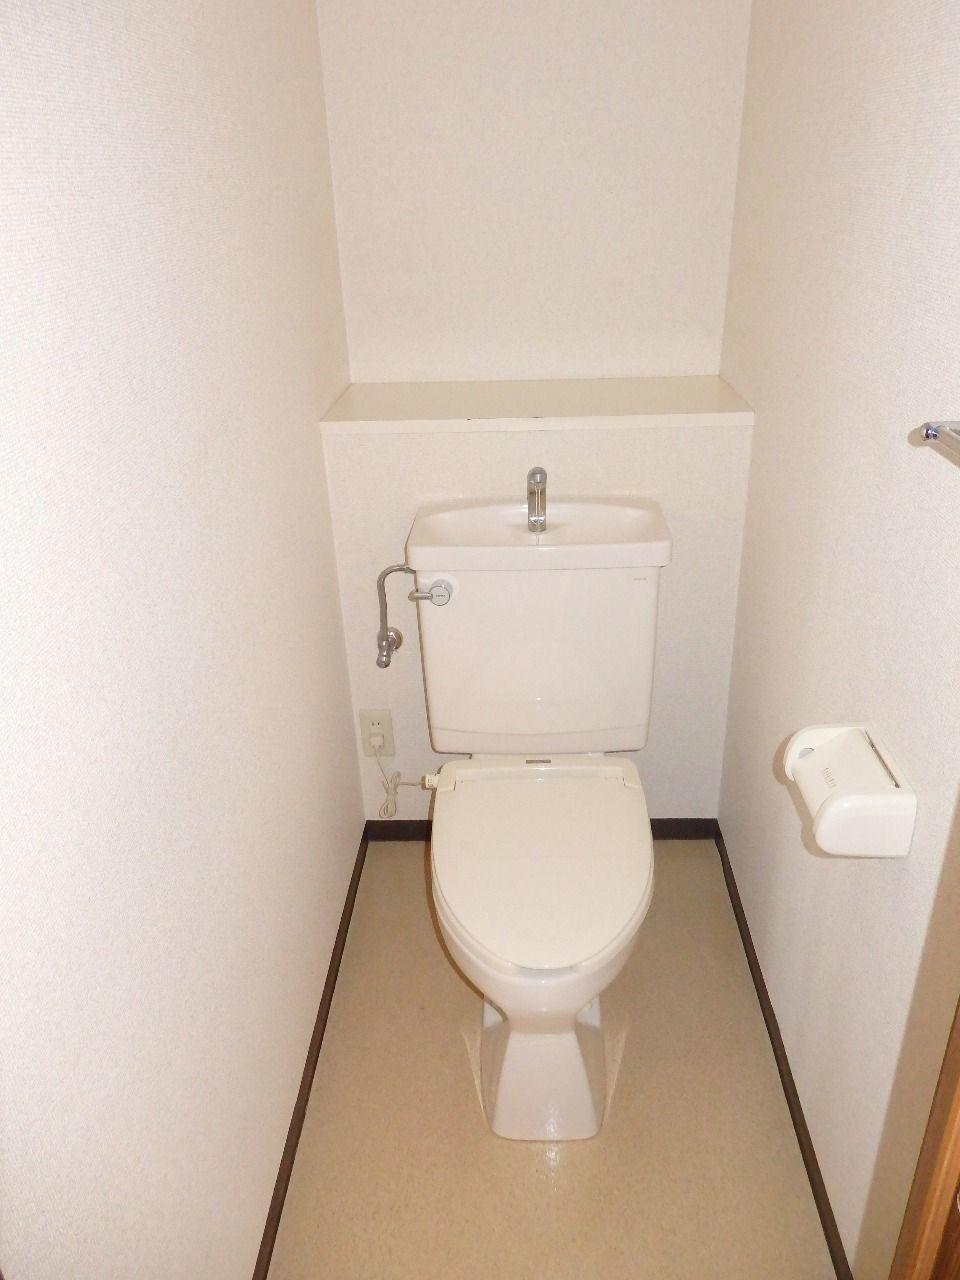 トイレ内コンセント有り